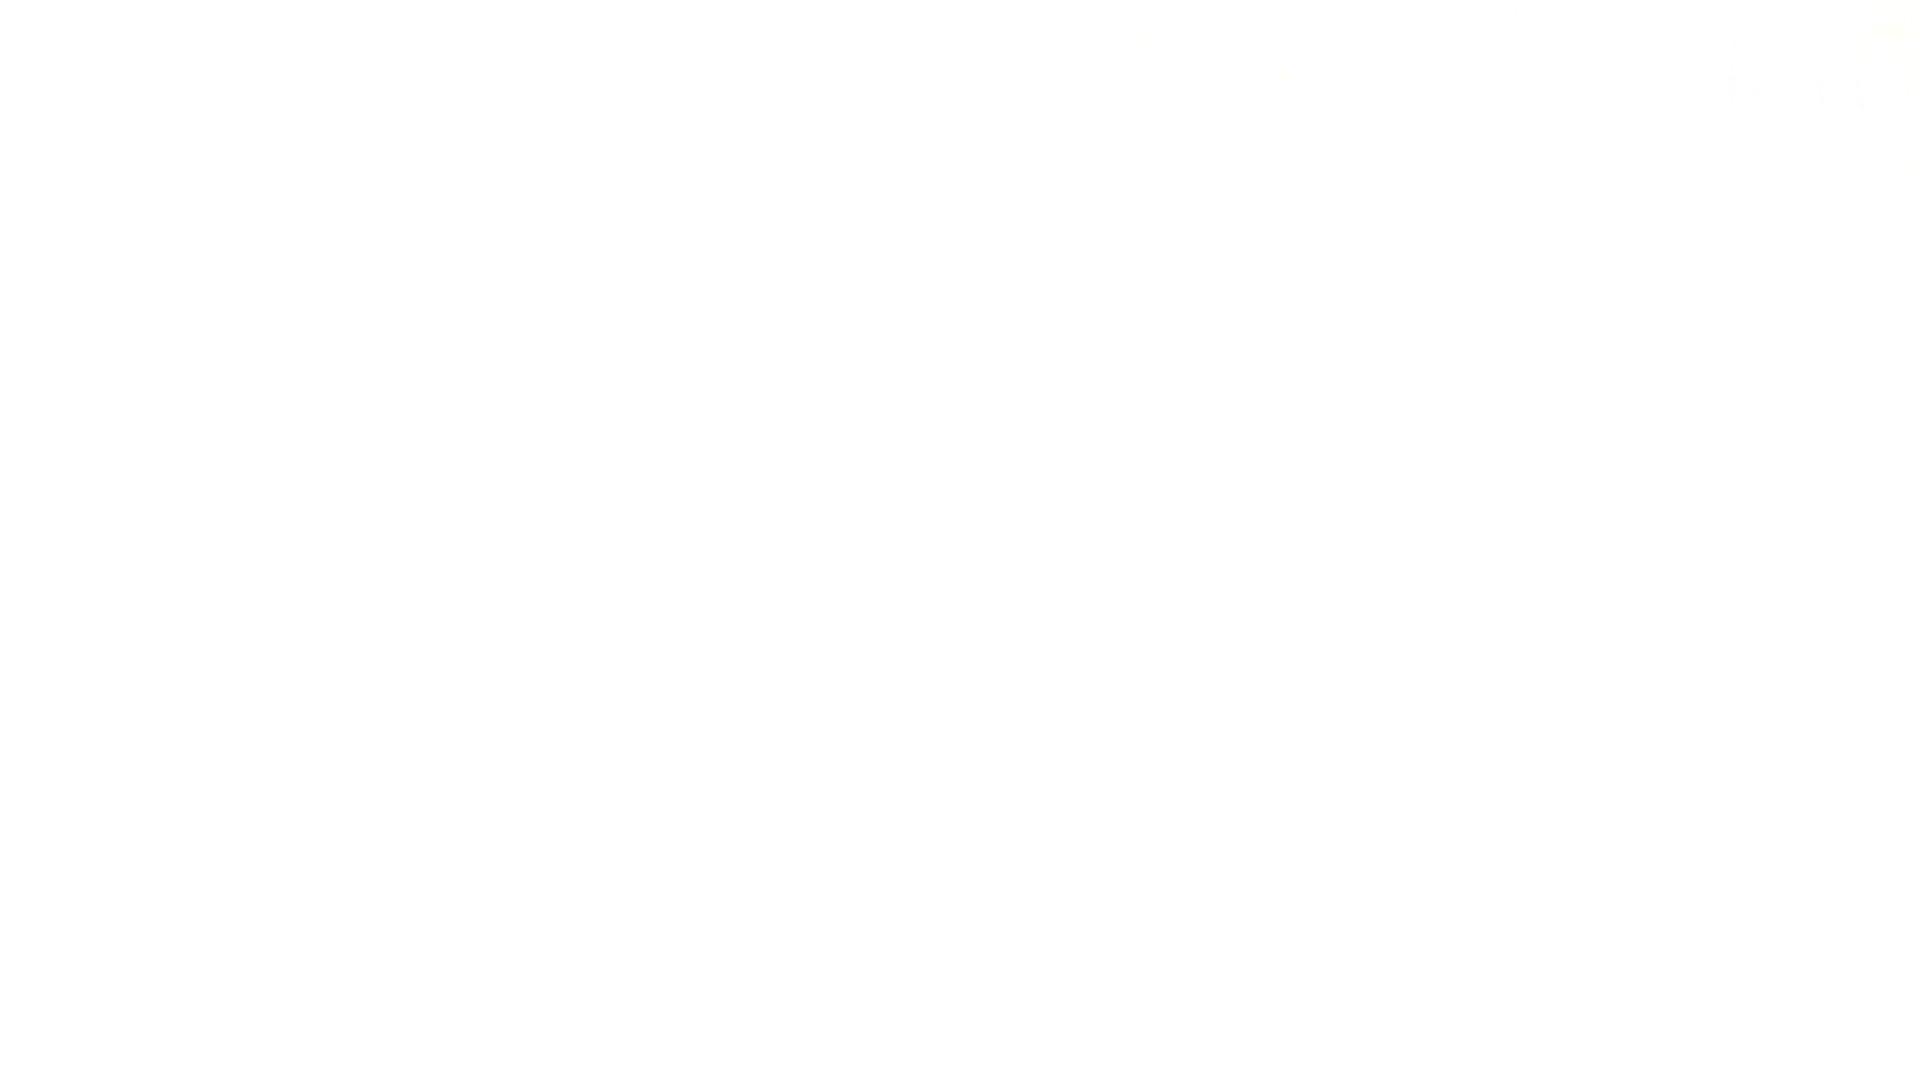 至高下半身盗撮-PREMIUM-【院内病棟編 】 vol.01 洗面所 覗きスケベ動画紹介 59画像 27